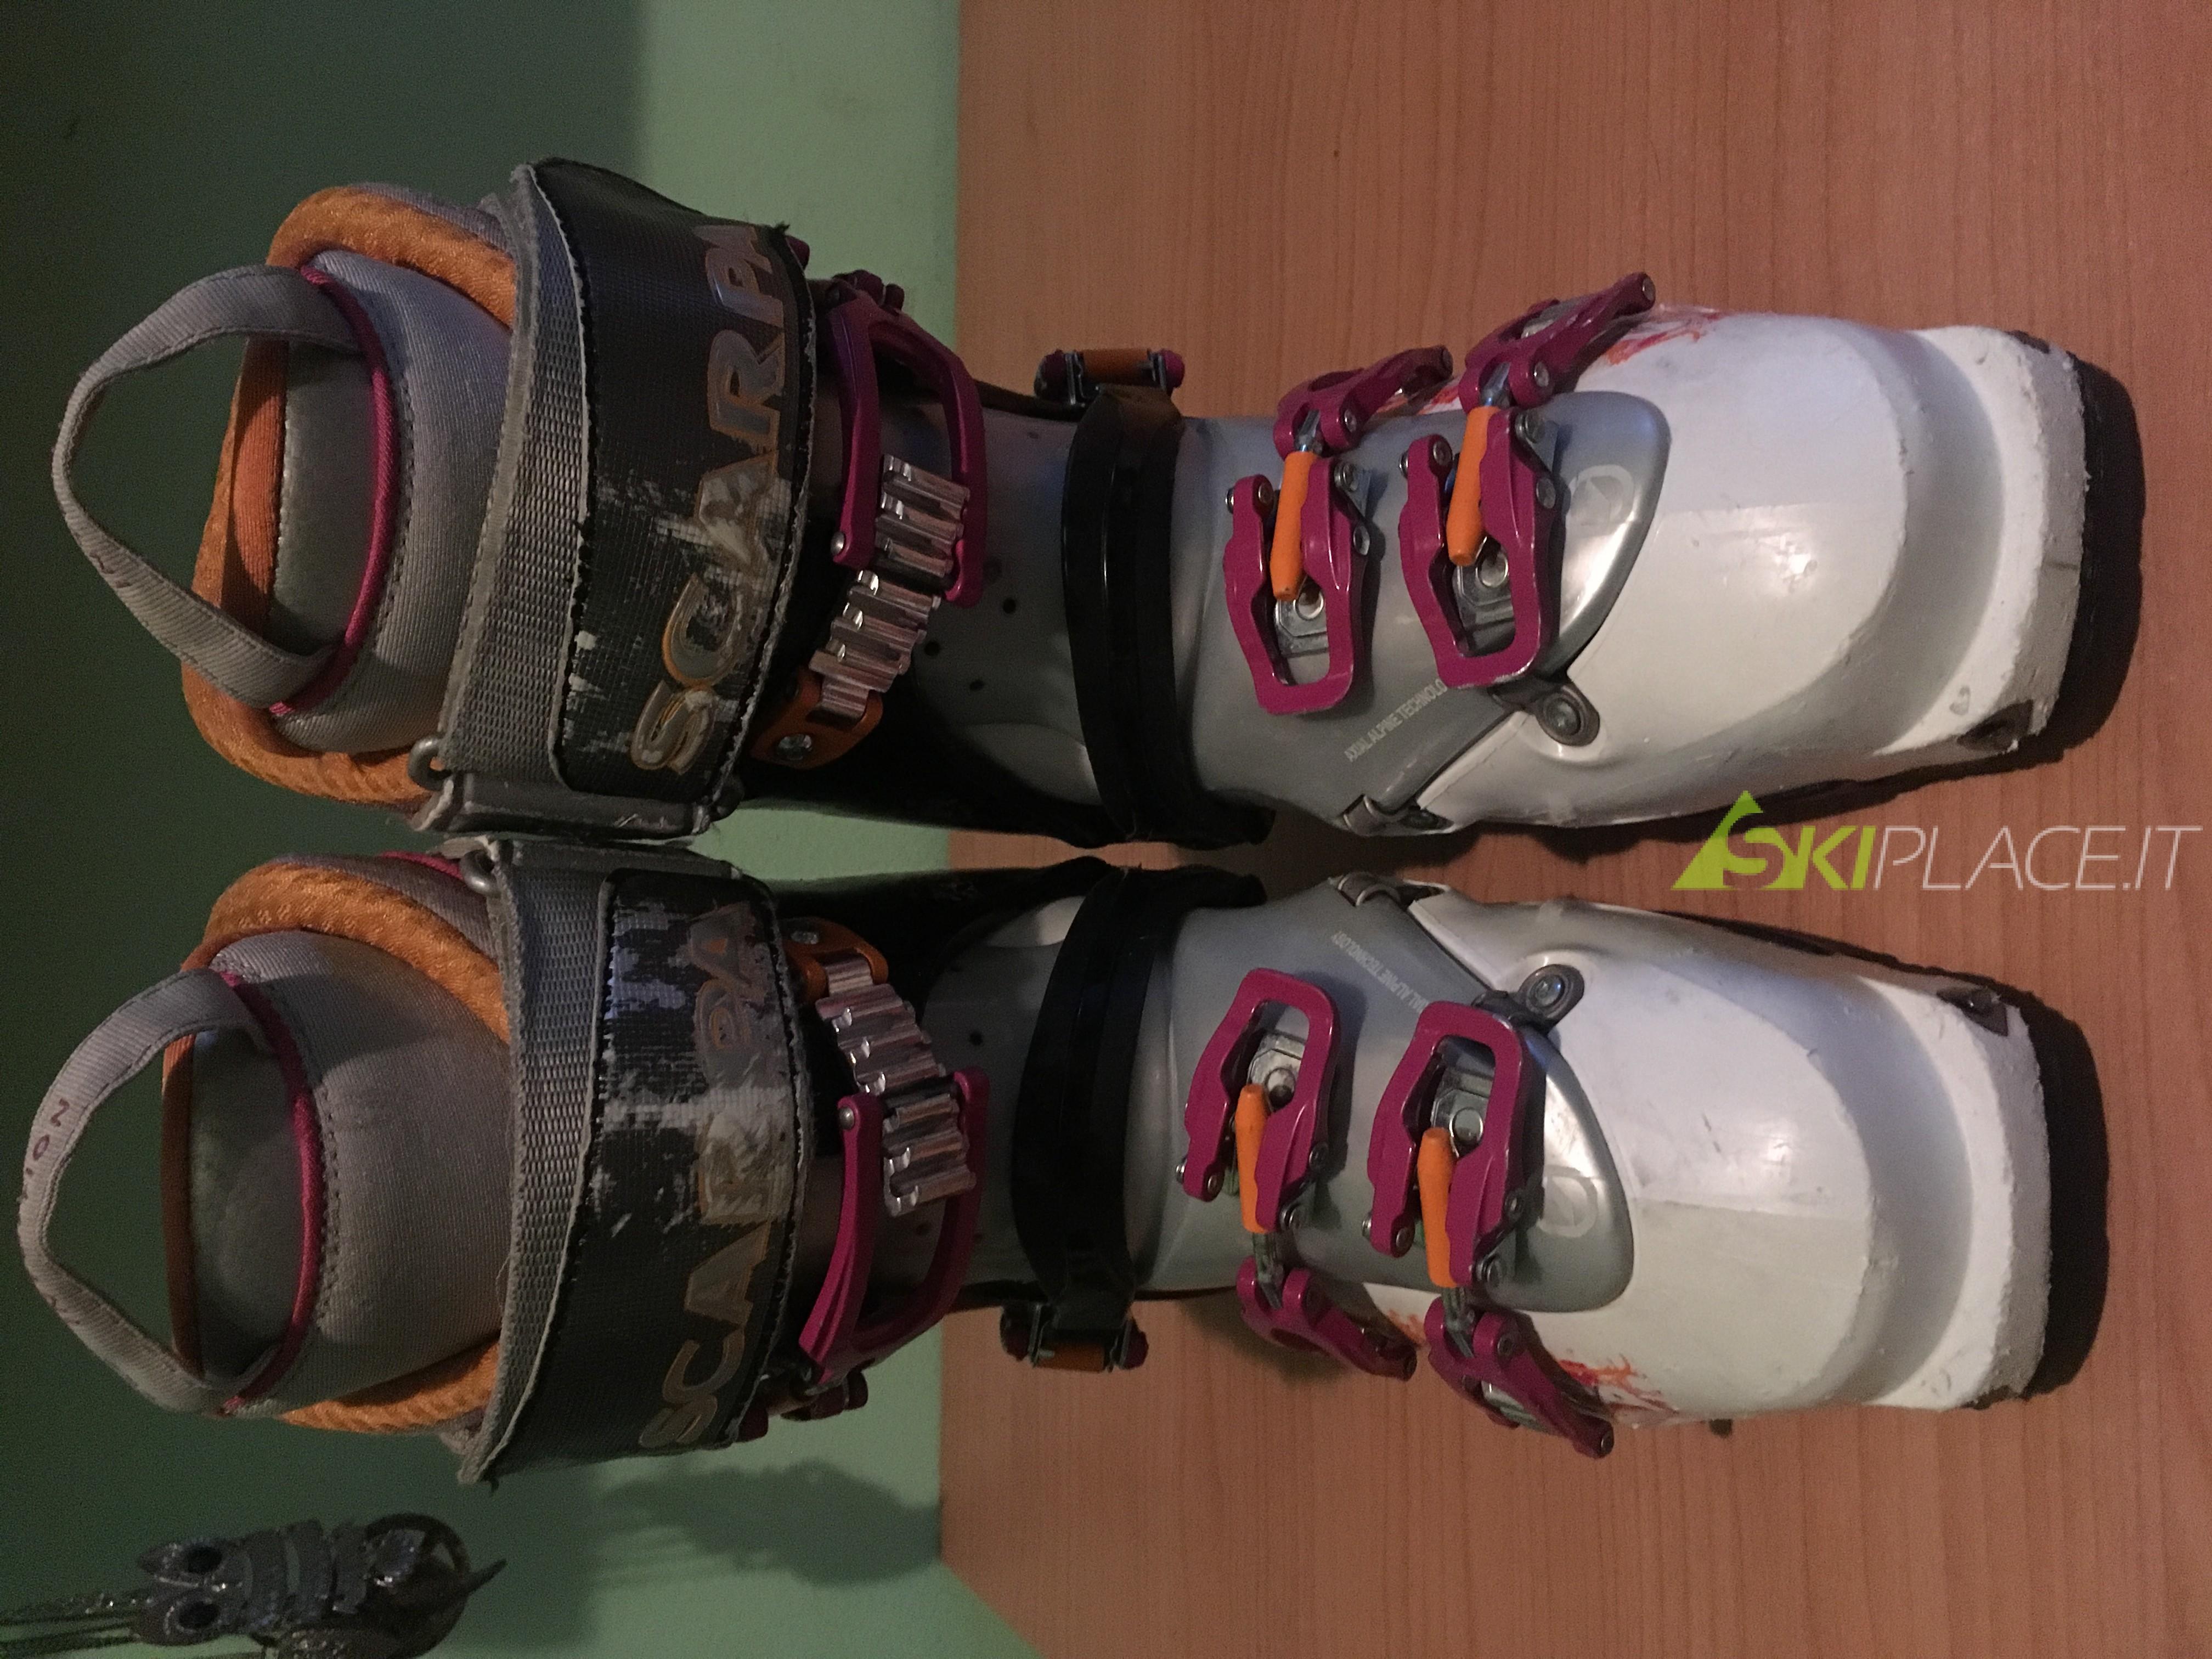 Scarponi sci alpinismo freeride - Skiplace - Il sito specializzato ... 4fc059db340